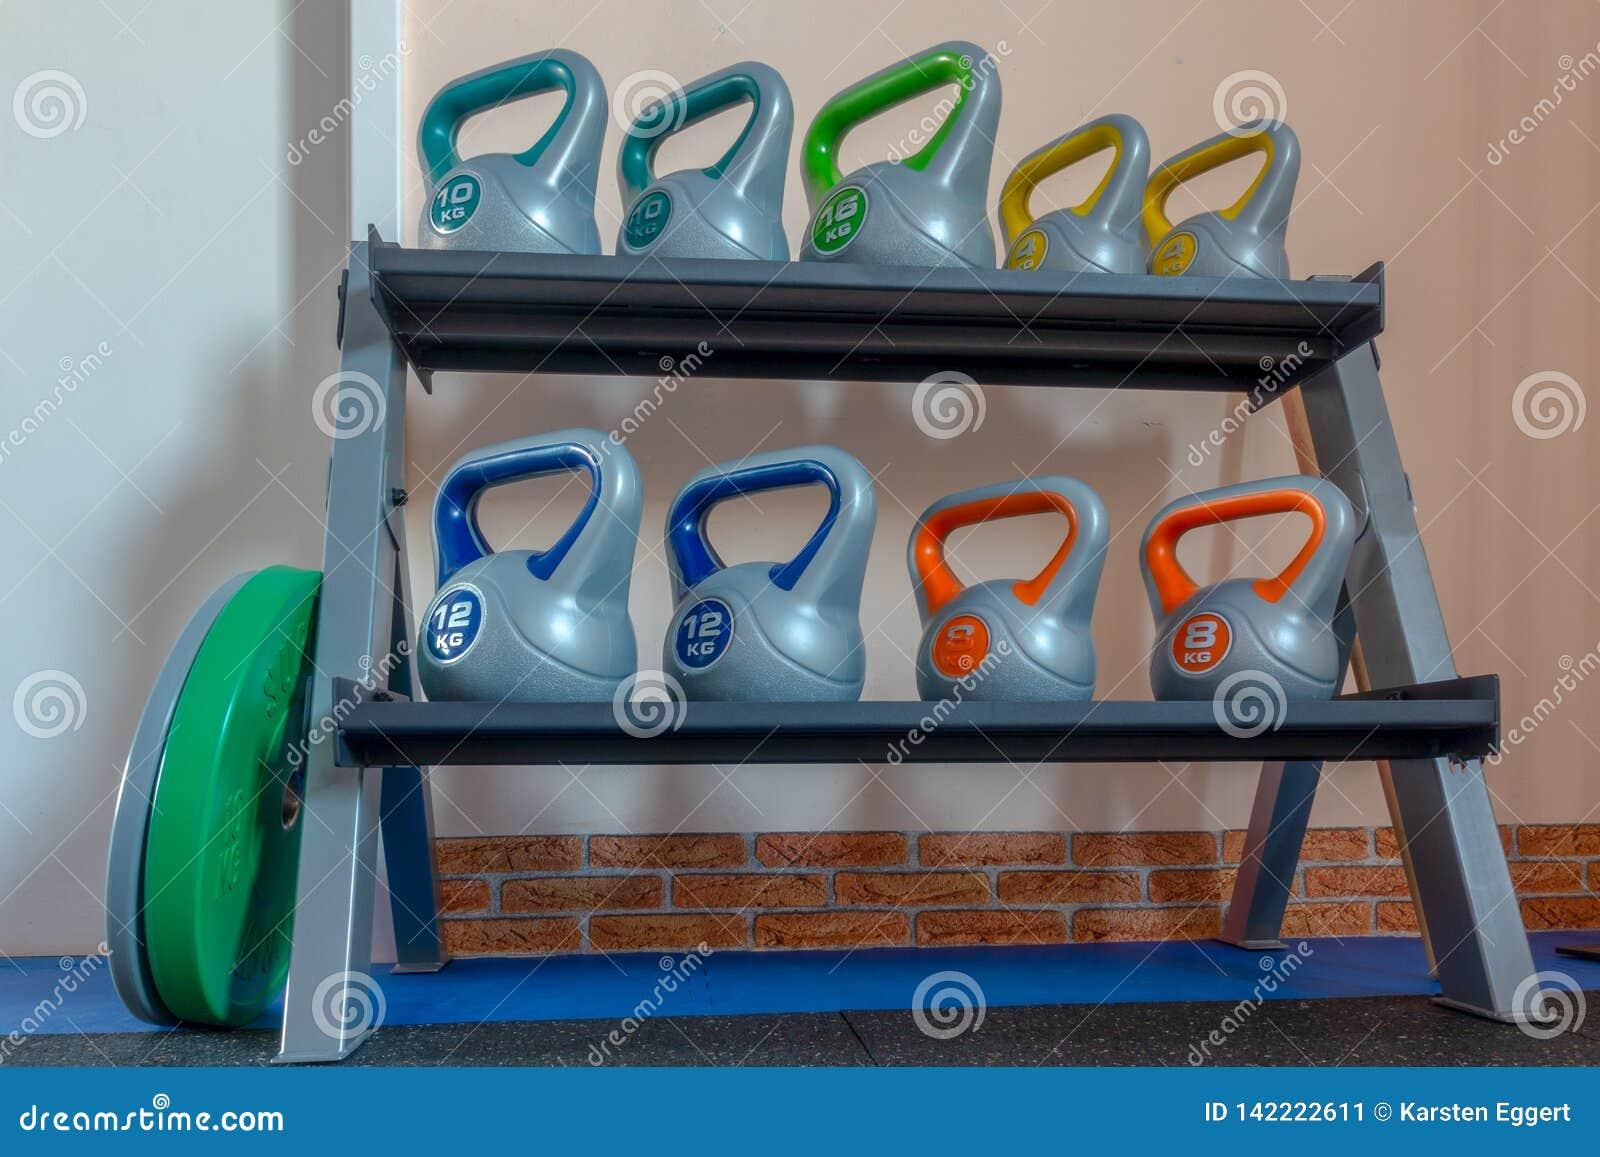 Set of Dumbbells in a gym